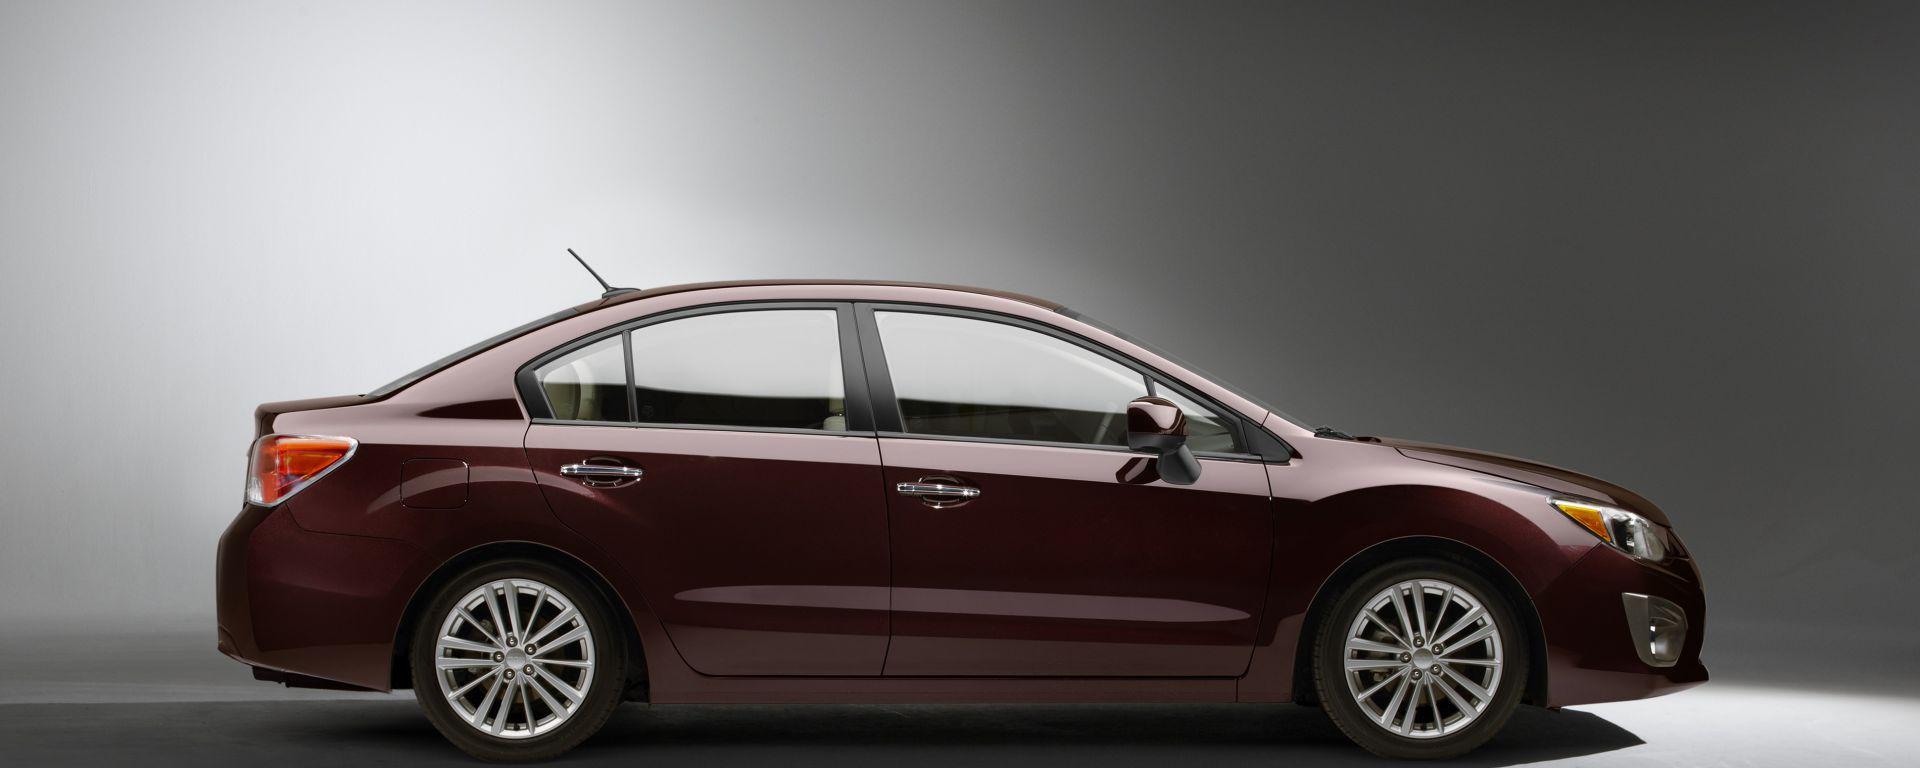 Subaru Impreza 2012: la prima foto ufficiale